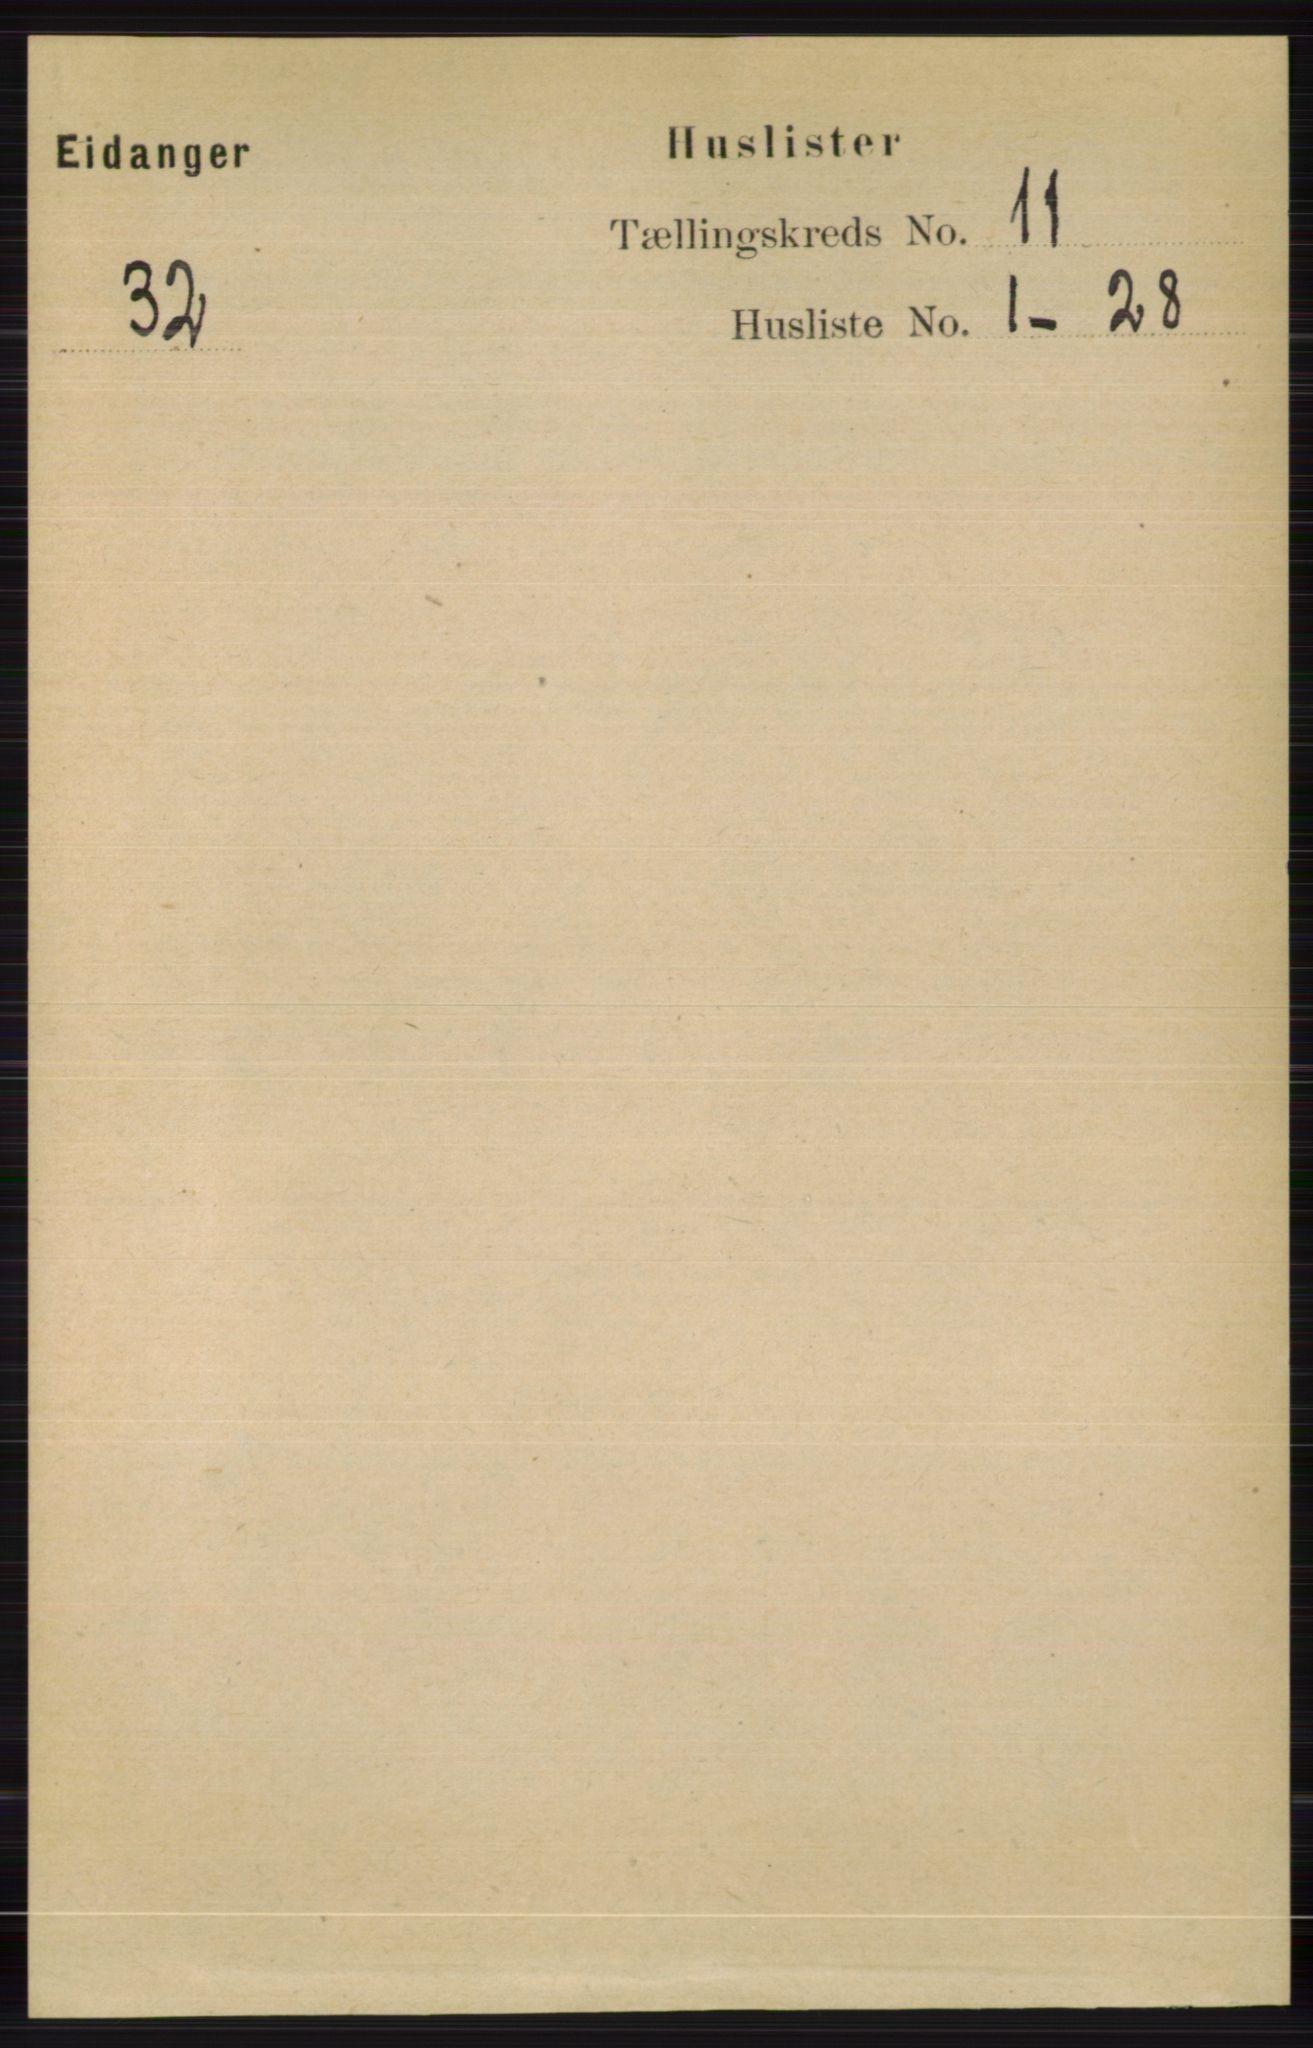 RA, Folketelling 1891 for 0813 Eidanger herred, 1891, s. 4206